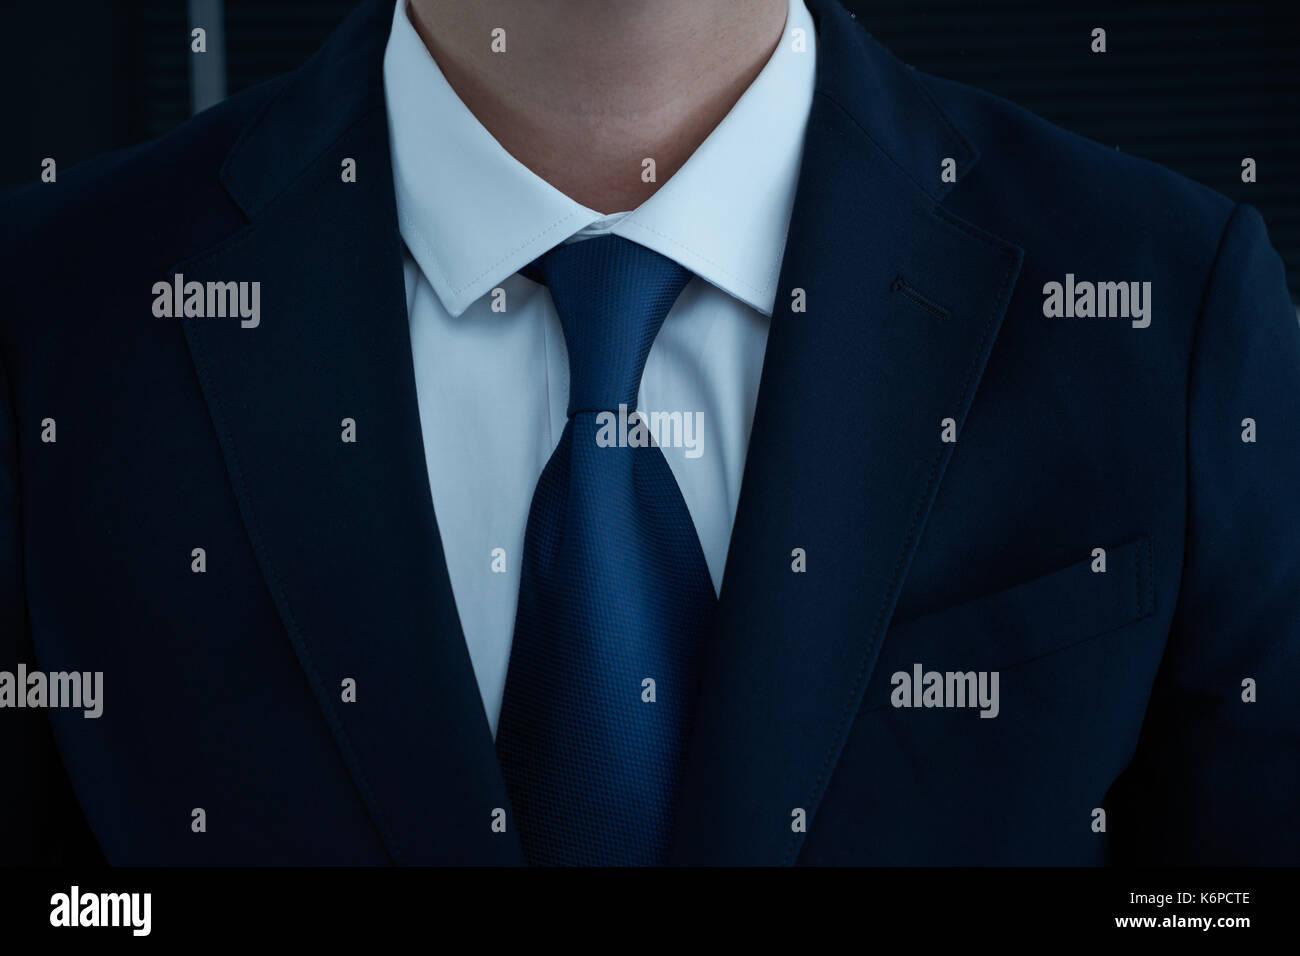 Parte lateral del cuerpo del hombre los brazos plegados en traje negro sobre fondo negro, concepto de negocio . Imagen De Stock